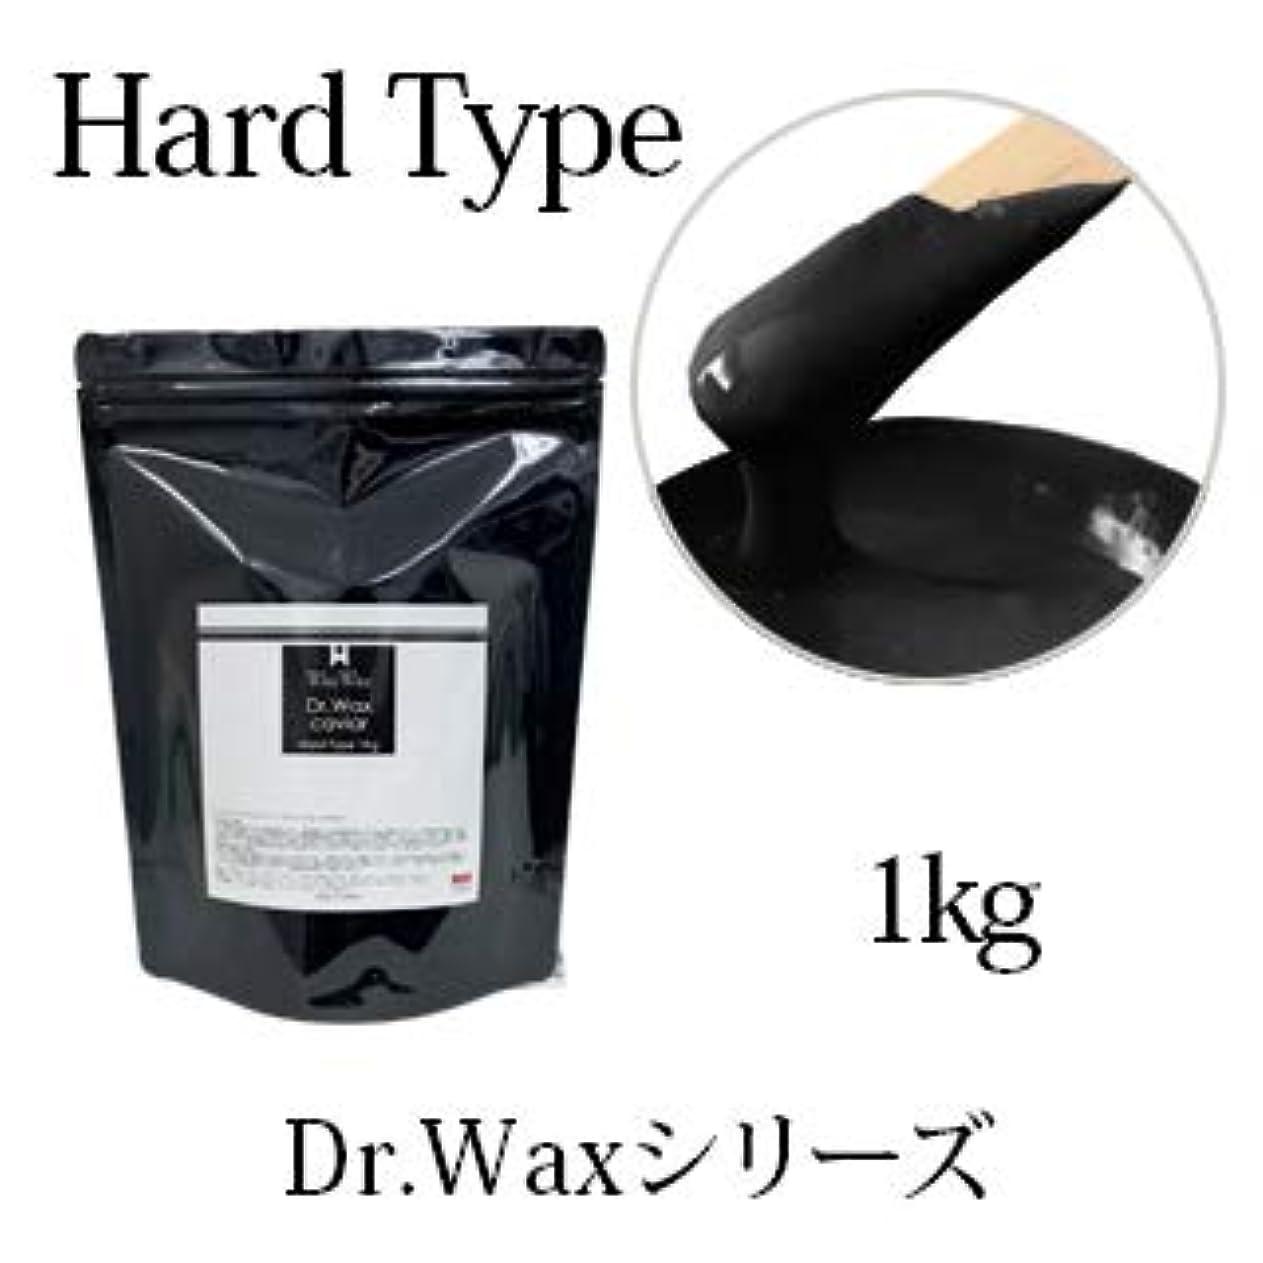 面白いスカウトおばさん【Dr.waxシリーズ】ワックス脱毛 粒タイプ 紙を使用しない ハードワックス (キャビア 1kg)